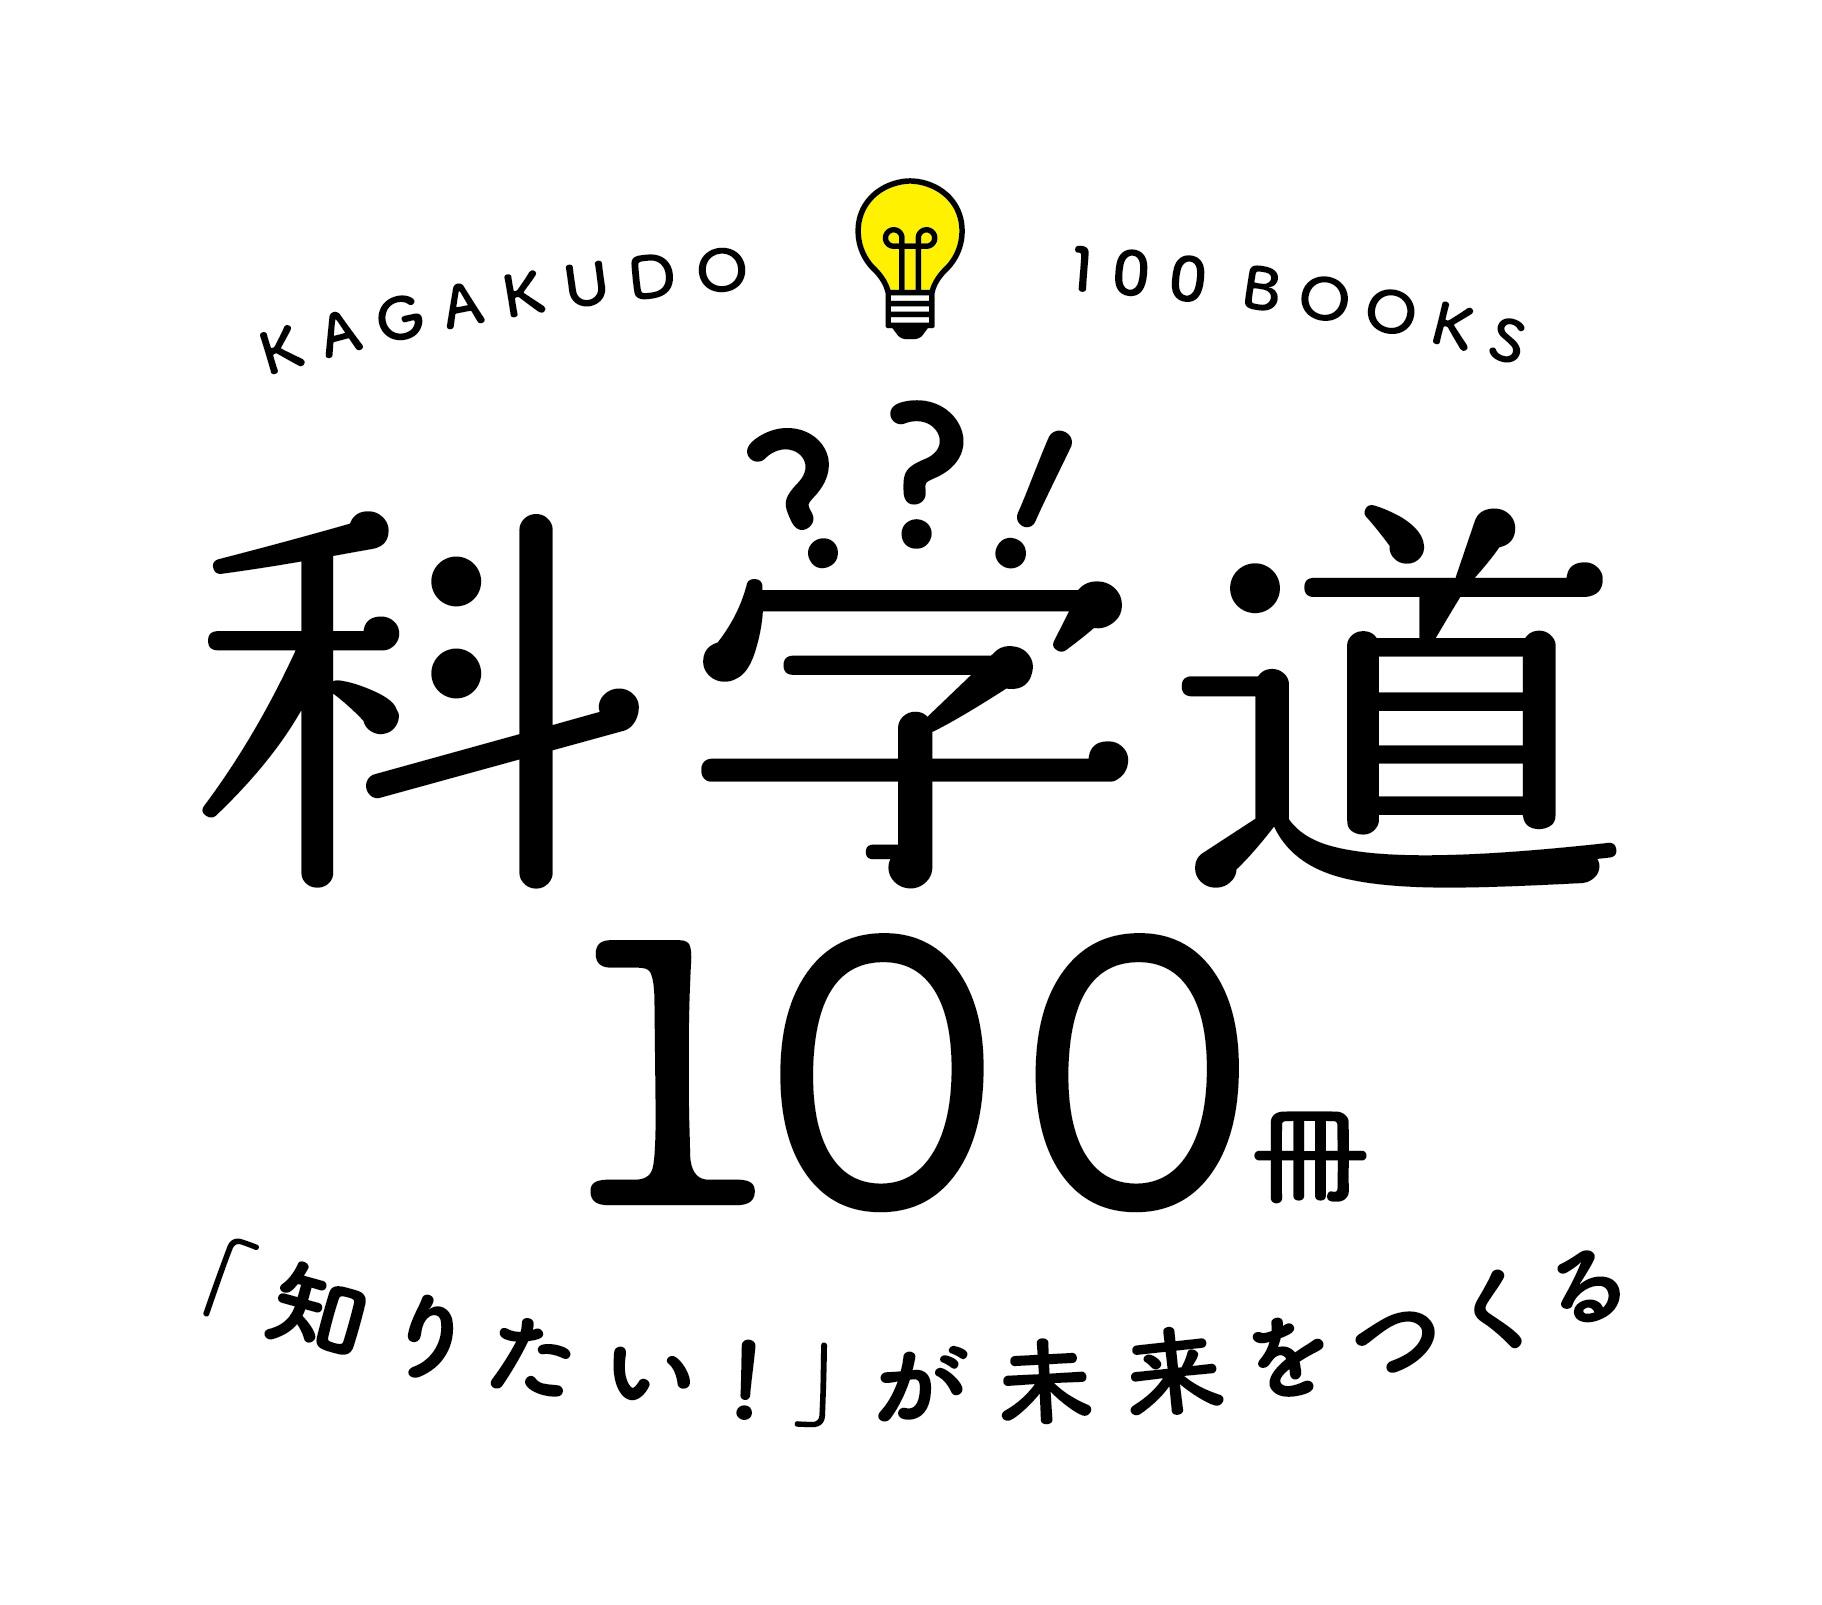 科学道100冊ロゴ